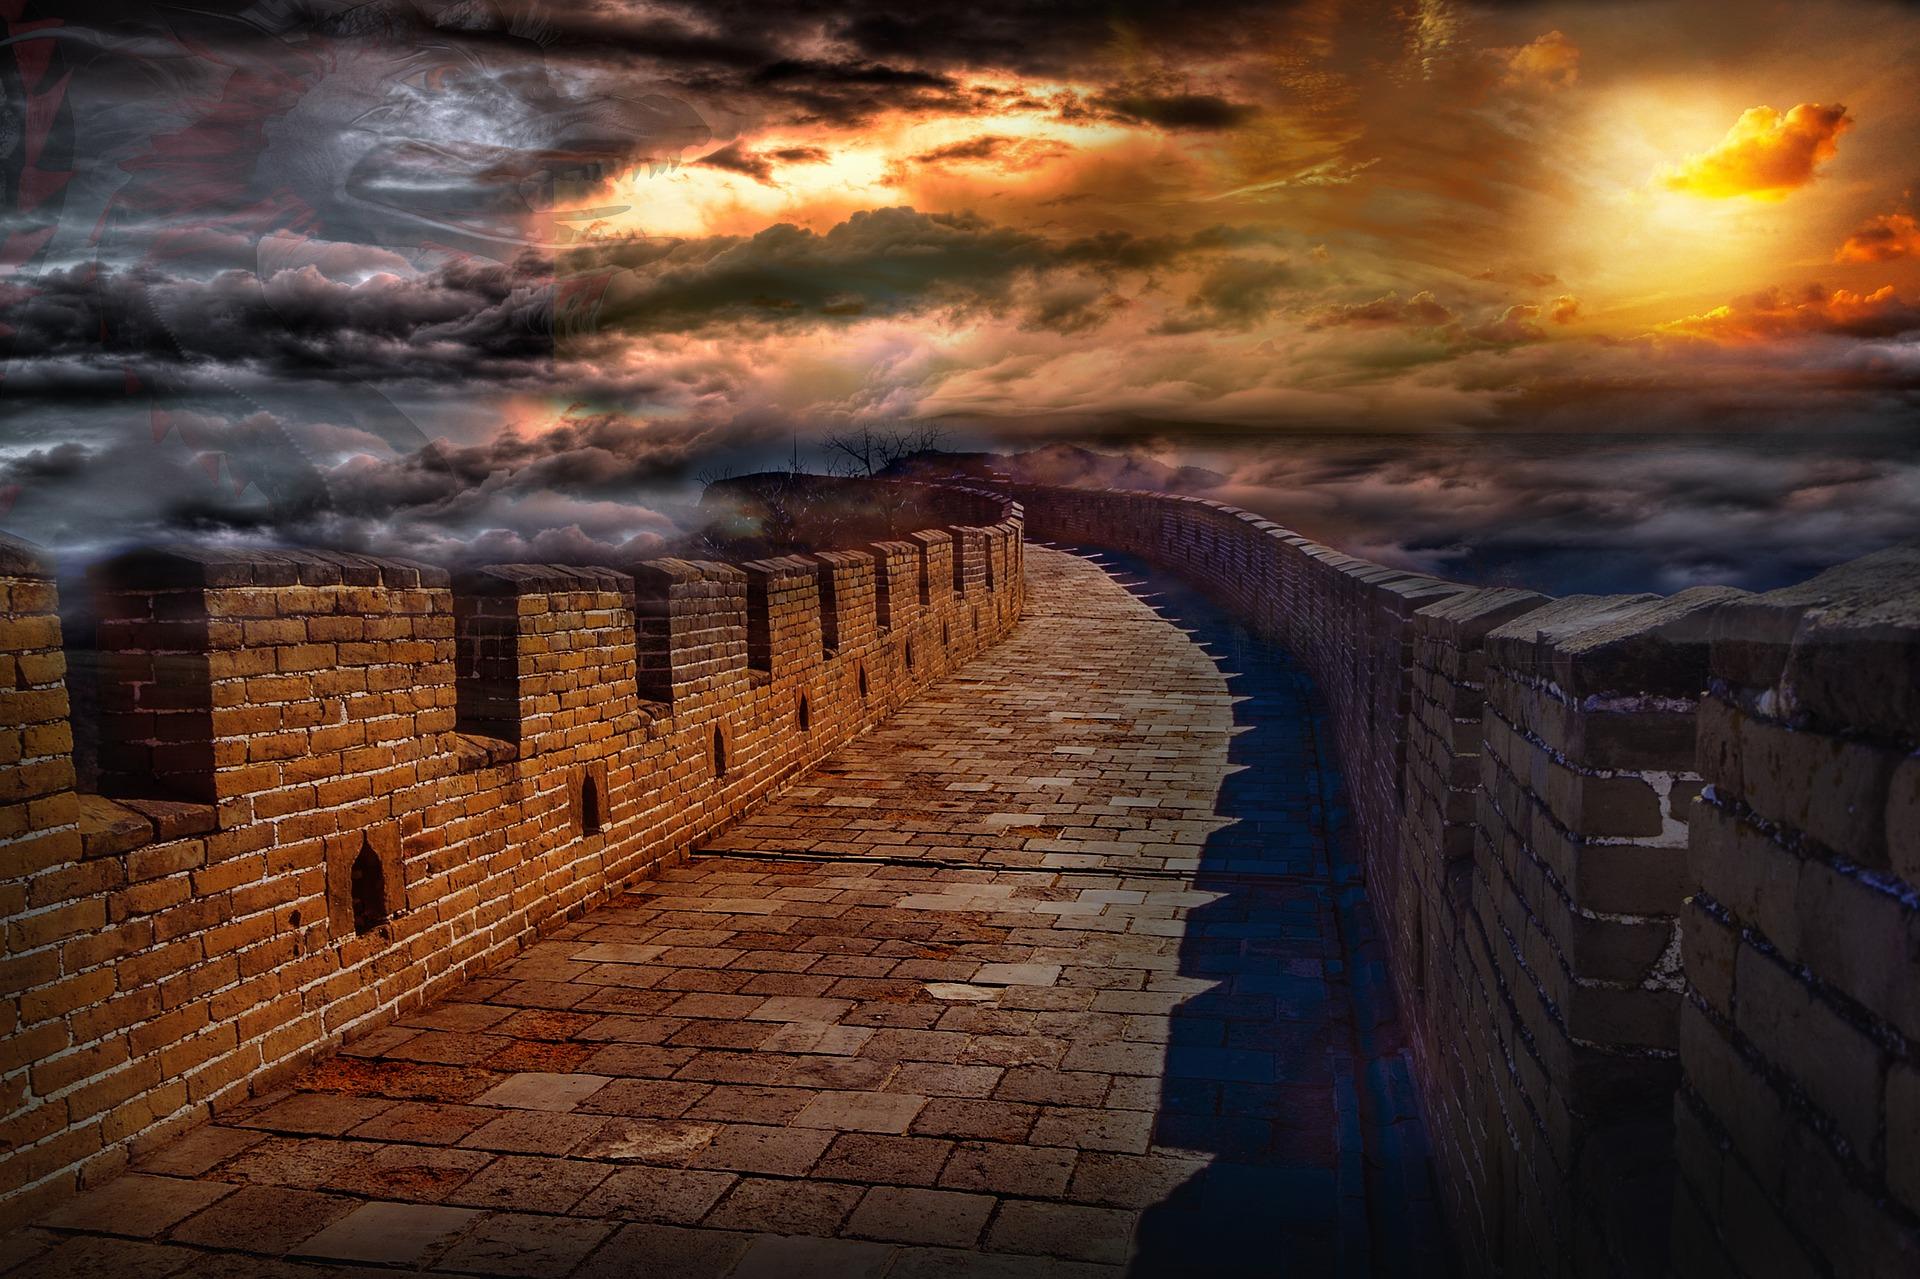 中国経済崩壊のシナリオ1:ベースシナリオ 不良債権、構造改革先送りに中所得国の罠【フィスコ世界経済・金融シナリオ分析会議】